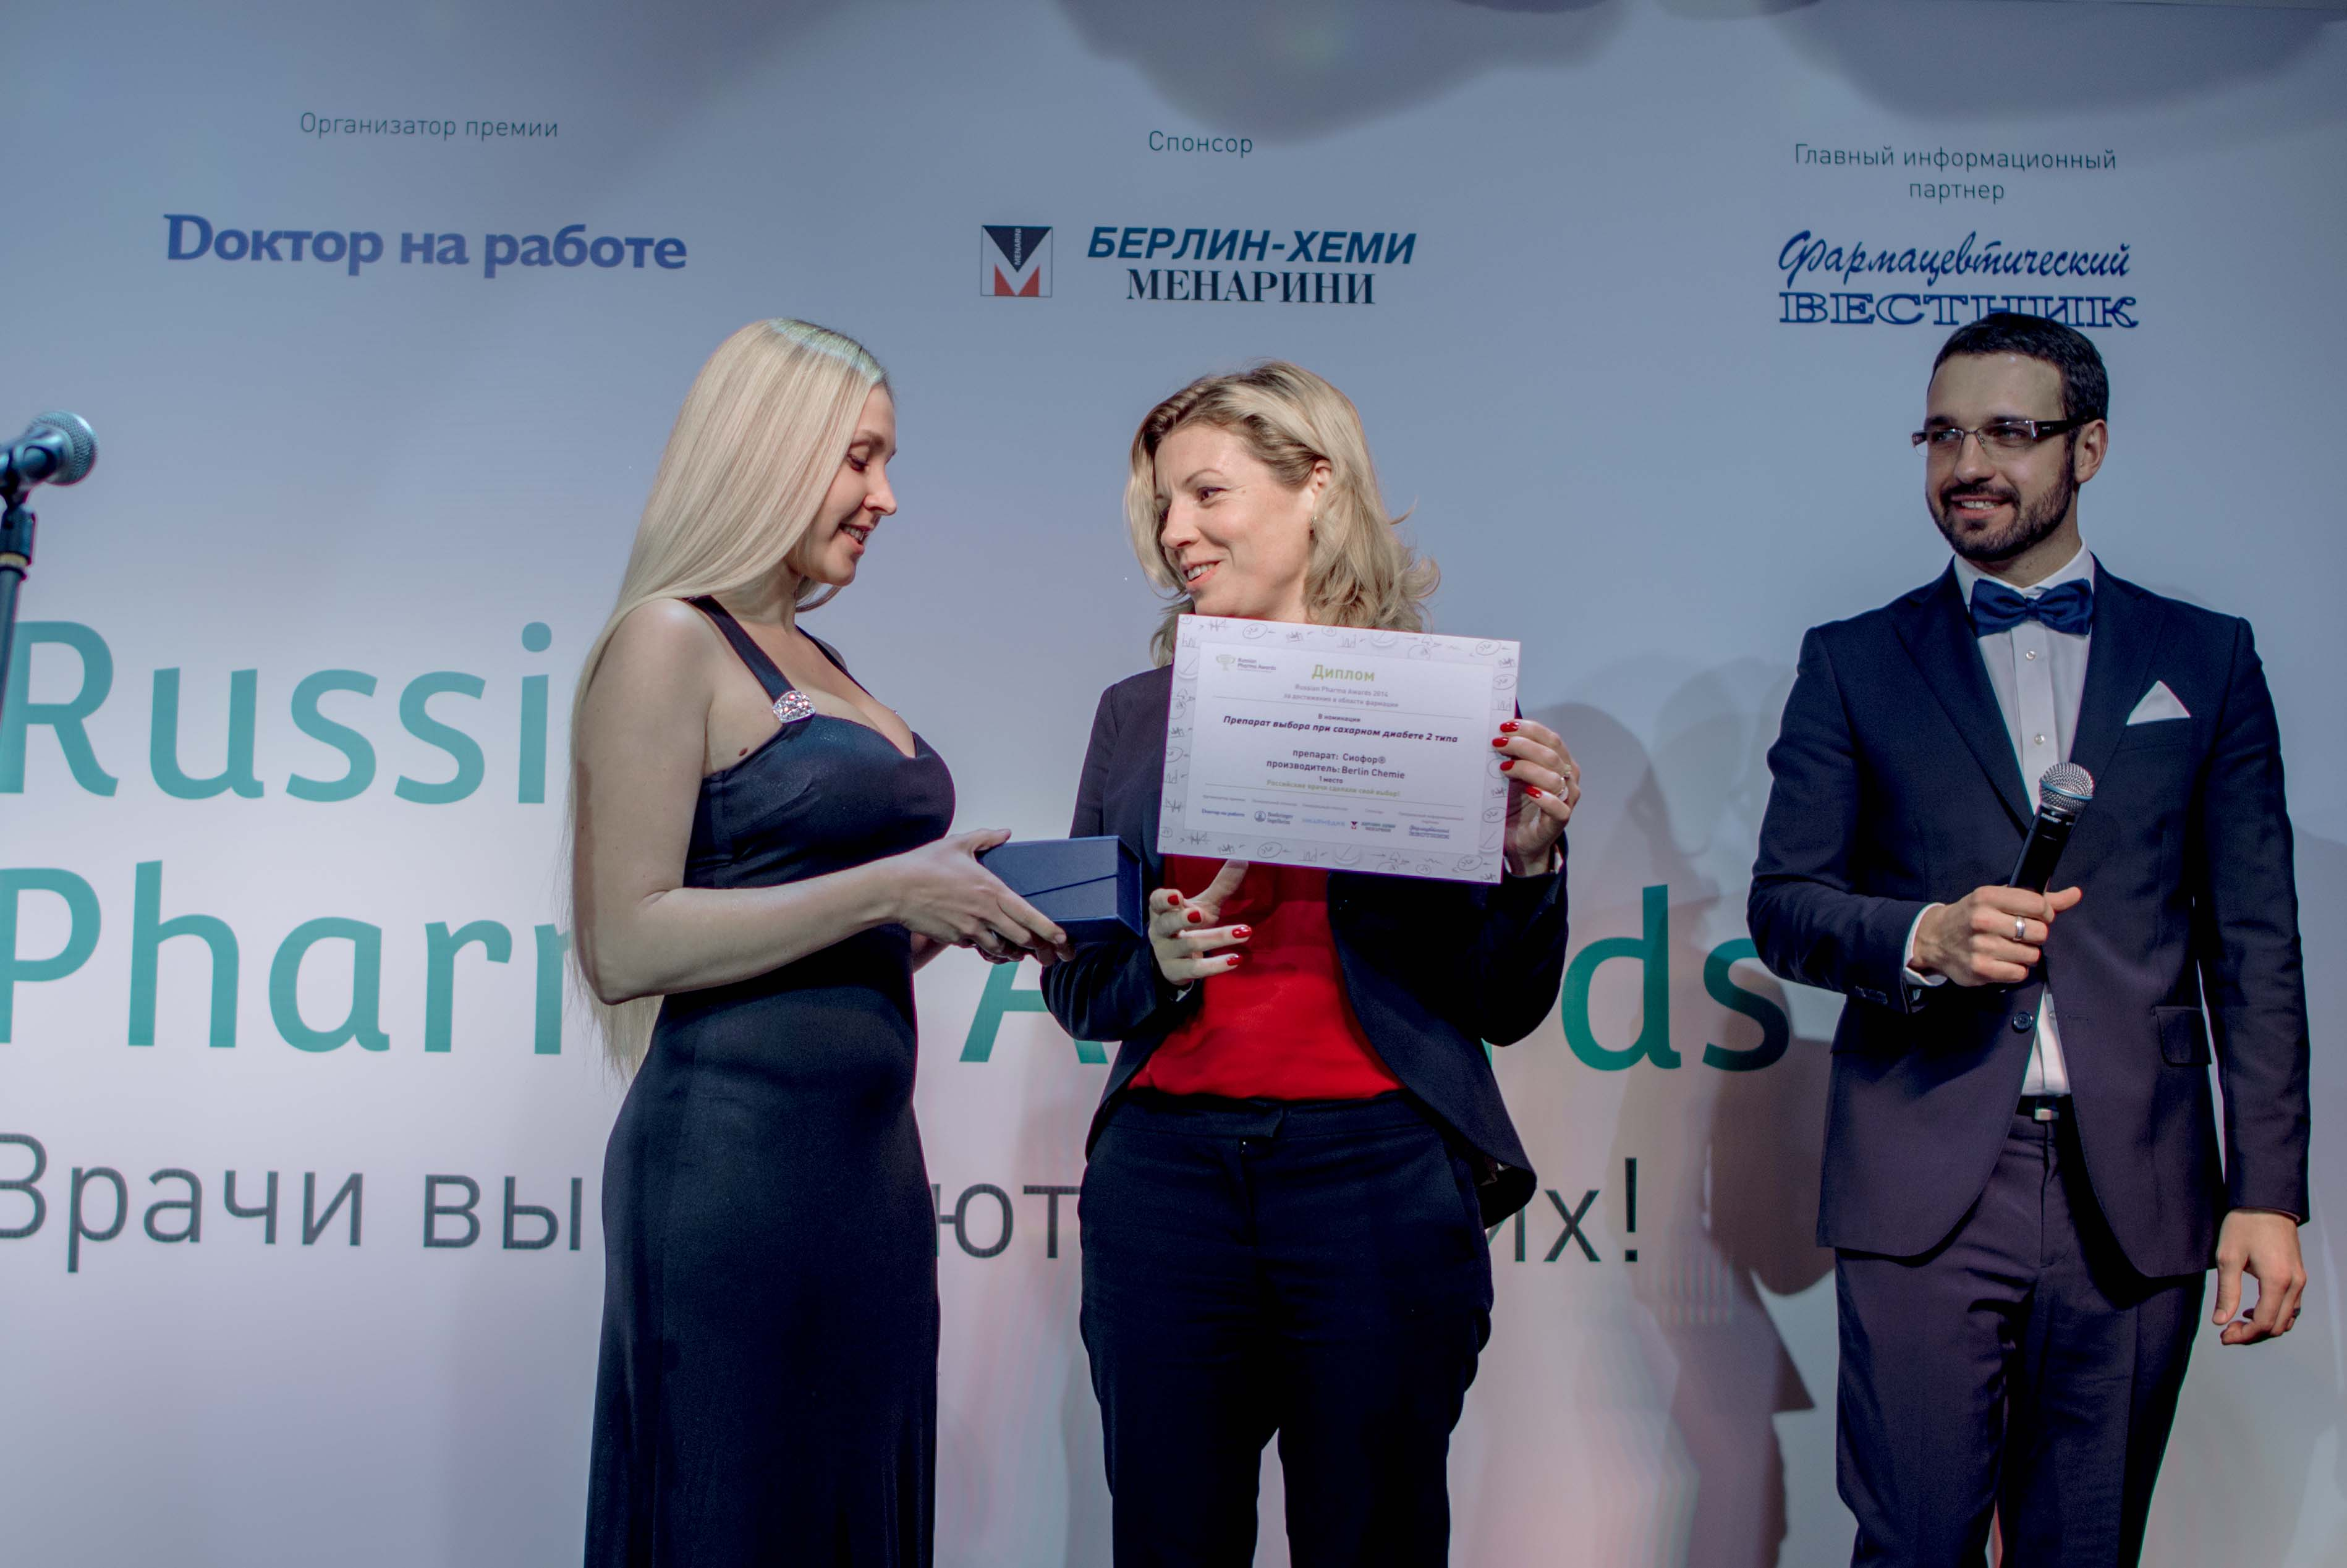 Russian Pharma Awards 2014: Врачи сделали собственный выбор!